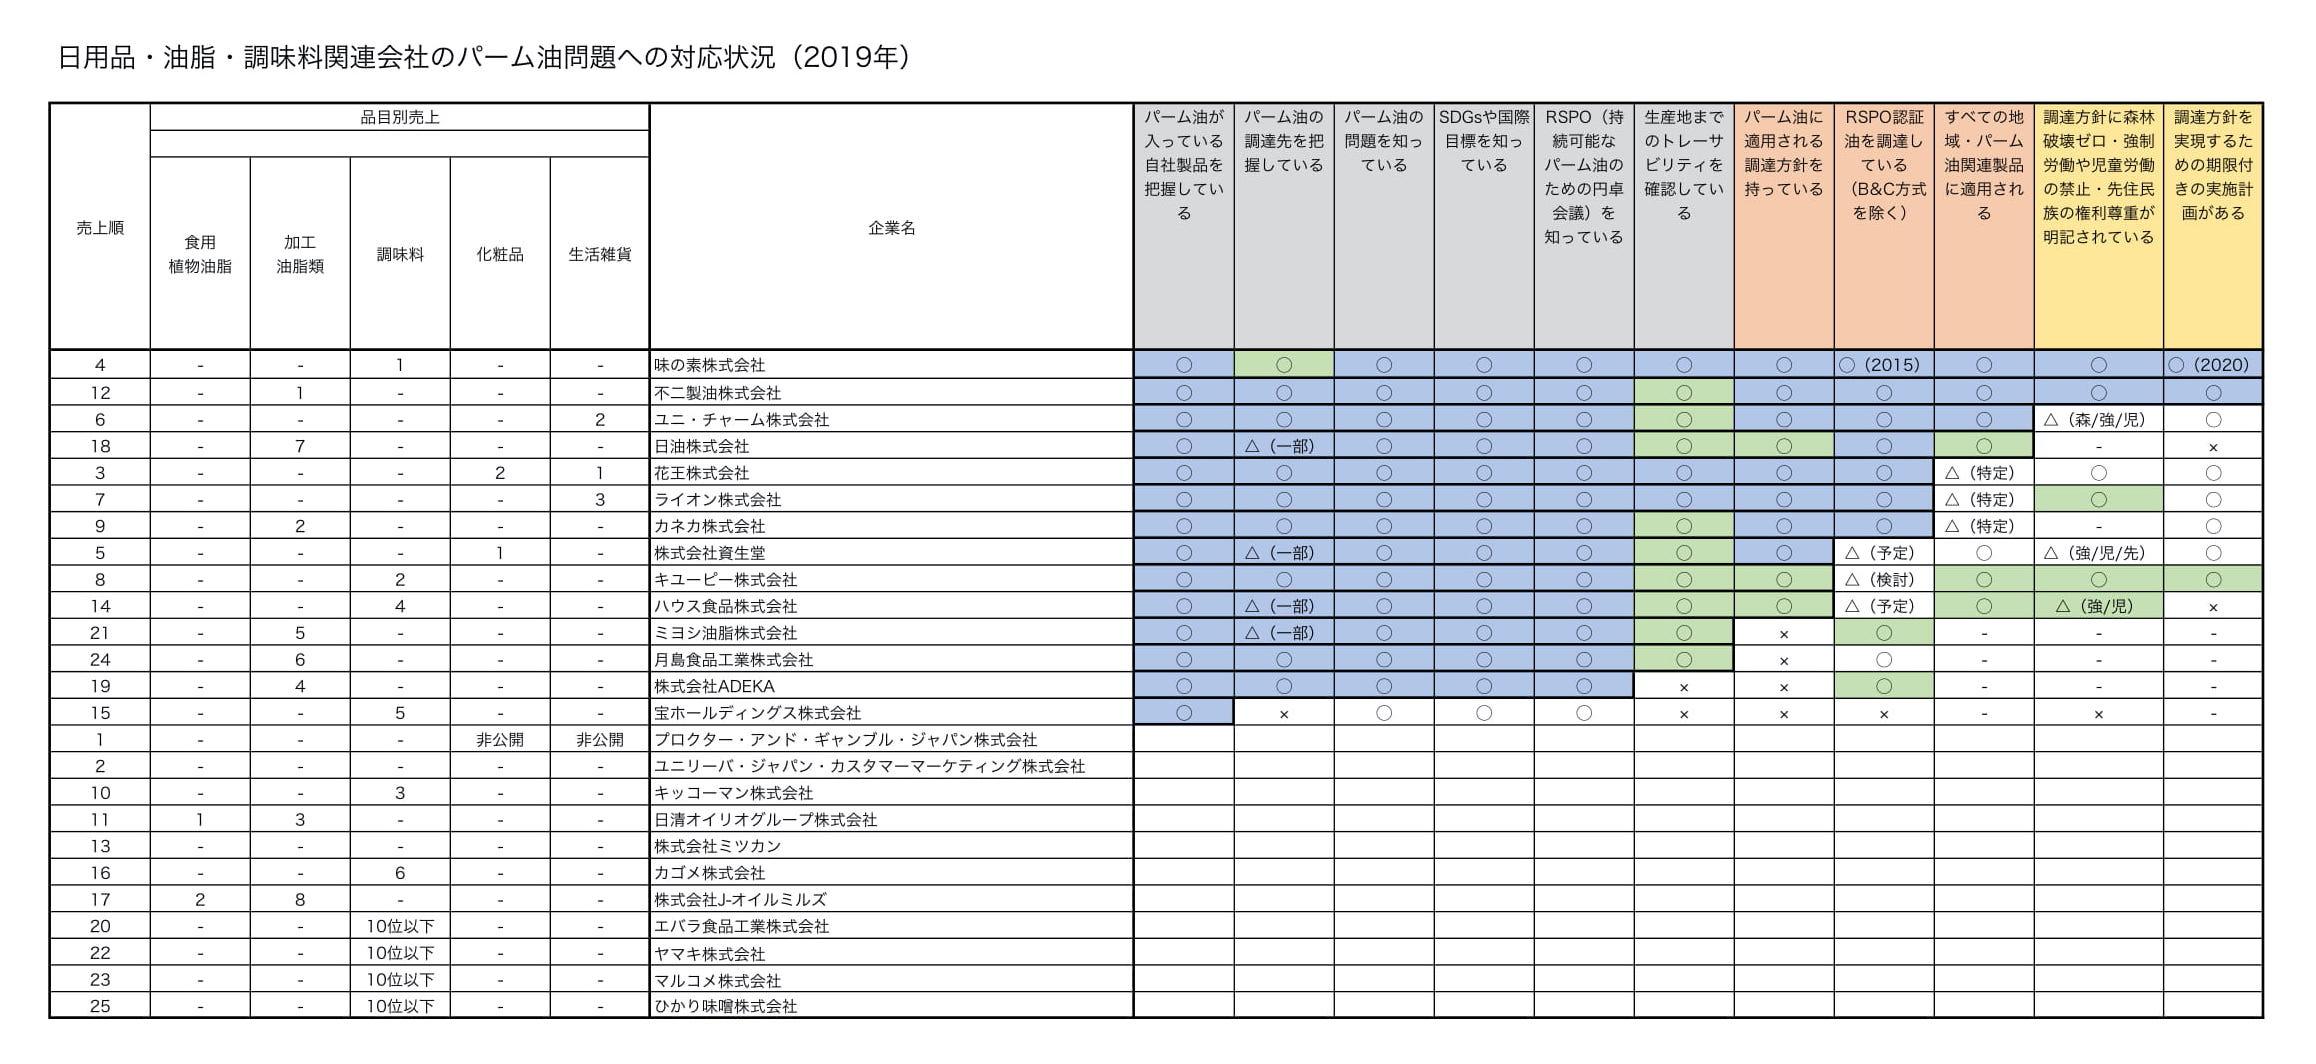 日用品・油脂・調味料関連会社2019